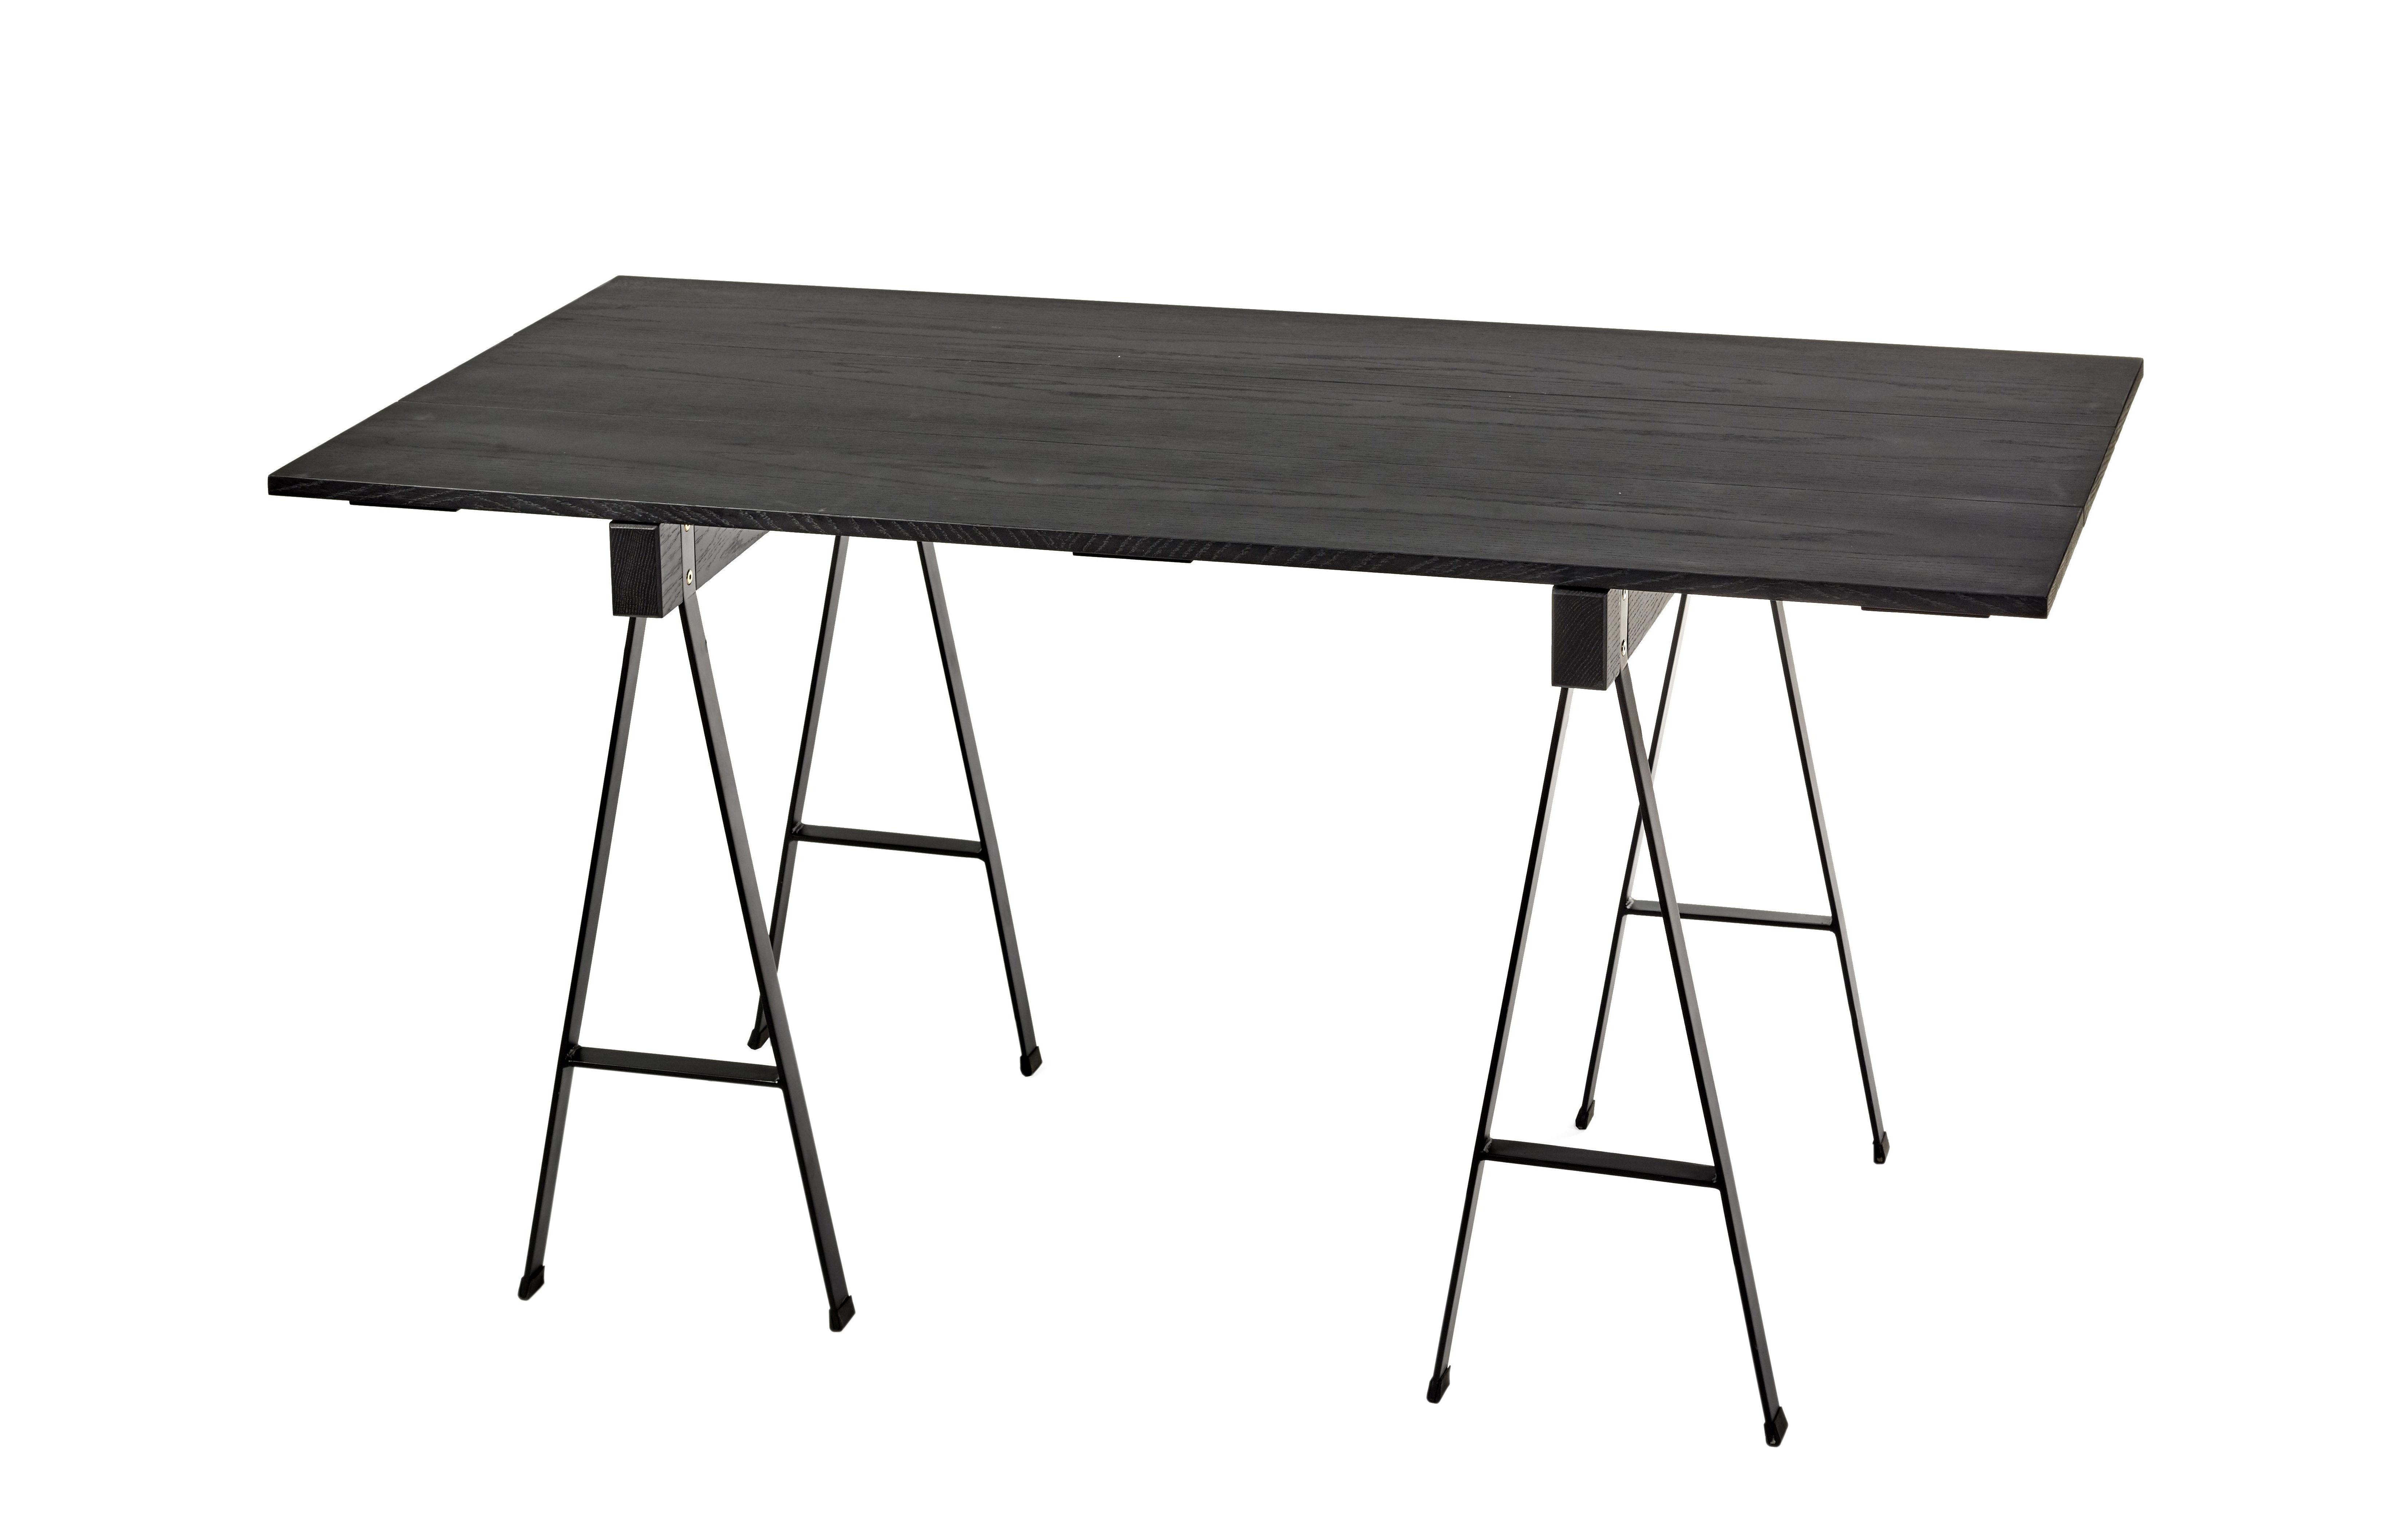 Furniture - Dining Tables - Studio Simple Rectangular table - / avec tréteaux - 150 x 75 cm by Serax - Noir - Metal, Oak